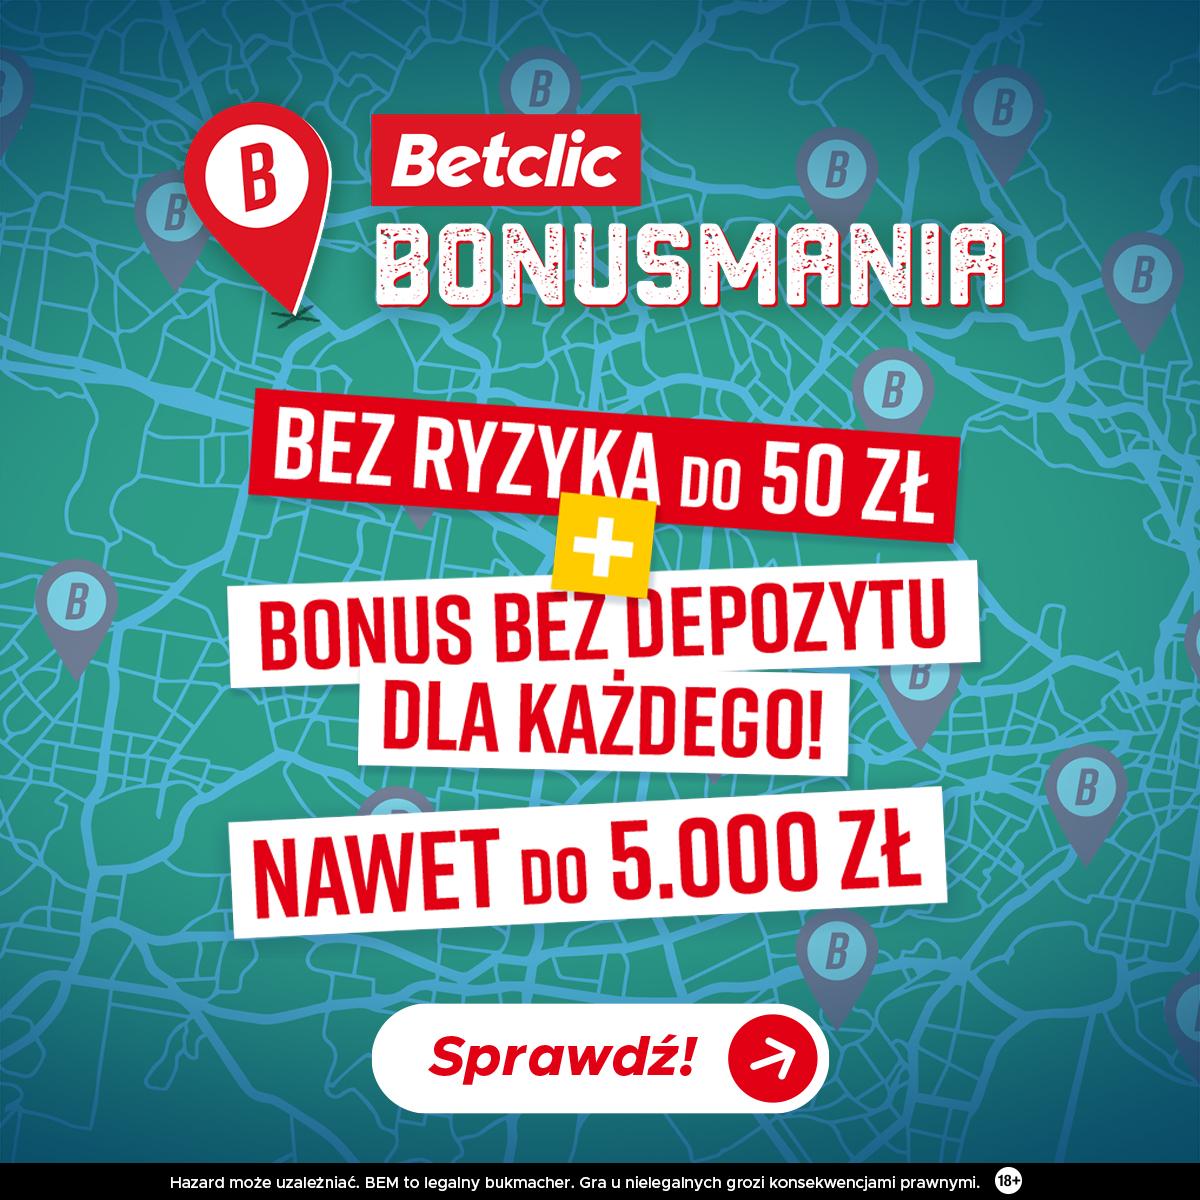 Bonusmania i zakład bez ryzyka do 50 zł w Betclic!